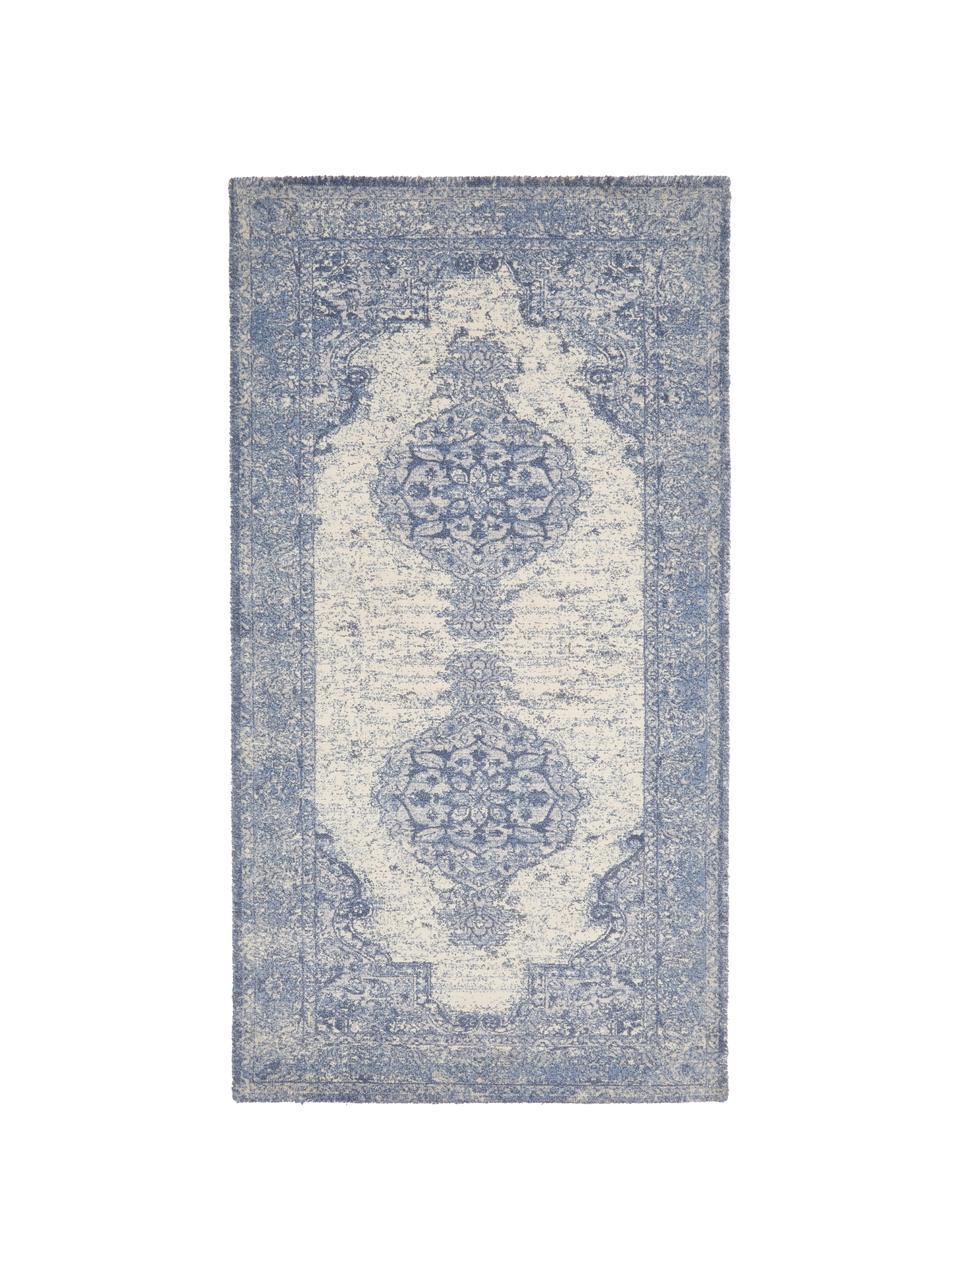 Vloerkleed Elegant in vintage stijl, Bovenzijde: 100% nylon, Onderzijde: 100% katoen, Blauw, B 80 x L 150 cm (maat XS)